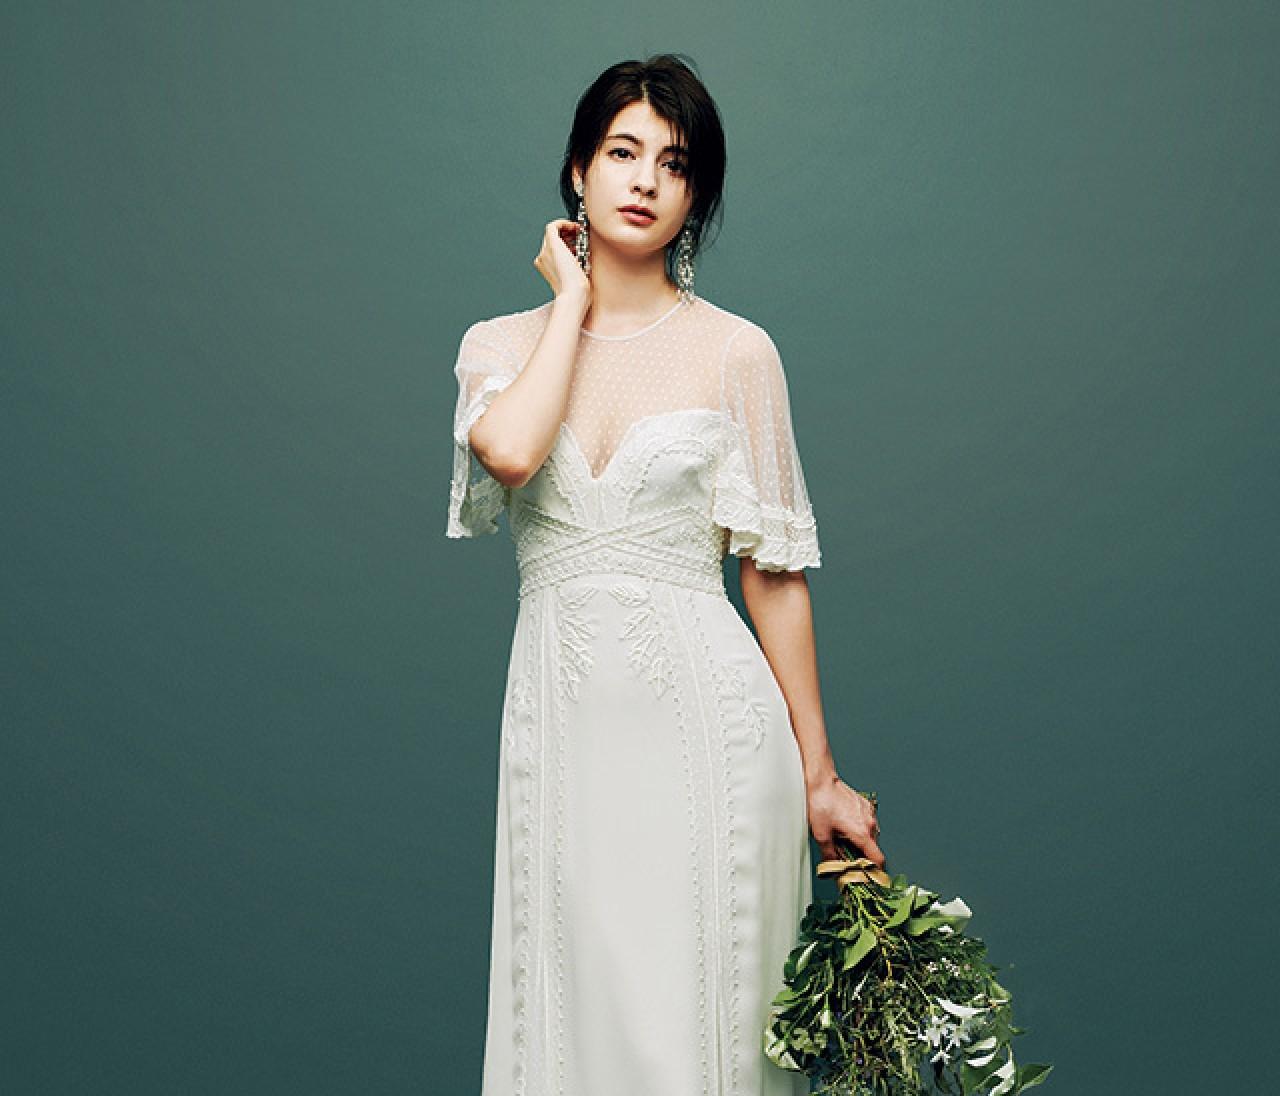 今どきディテールのトレンドドレス【普段の自分から選ぶドレス 1】